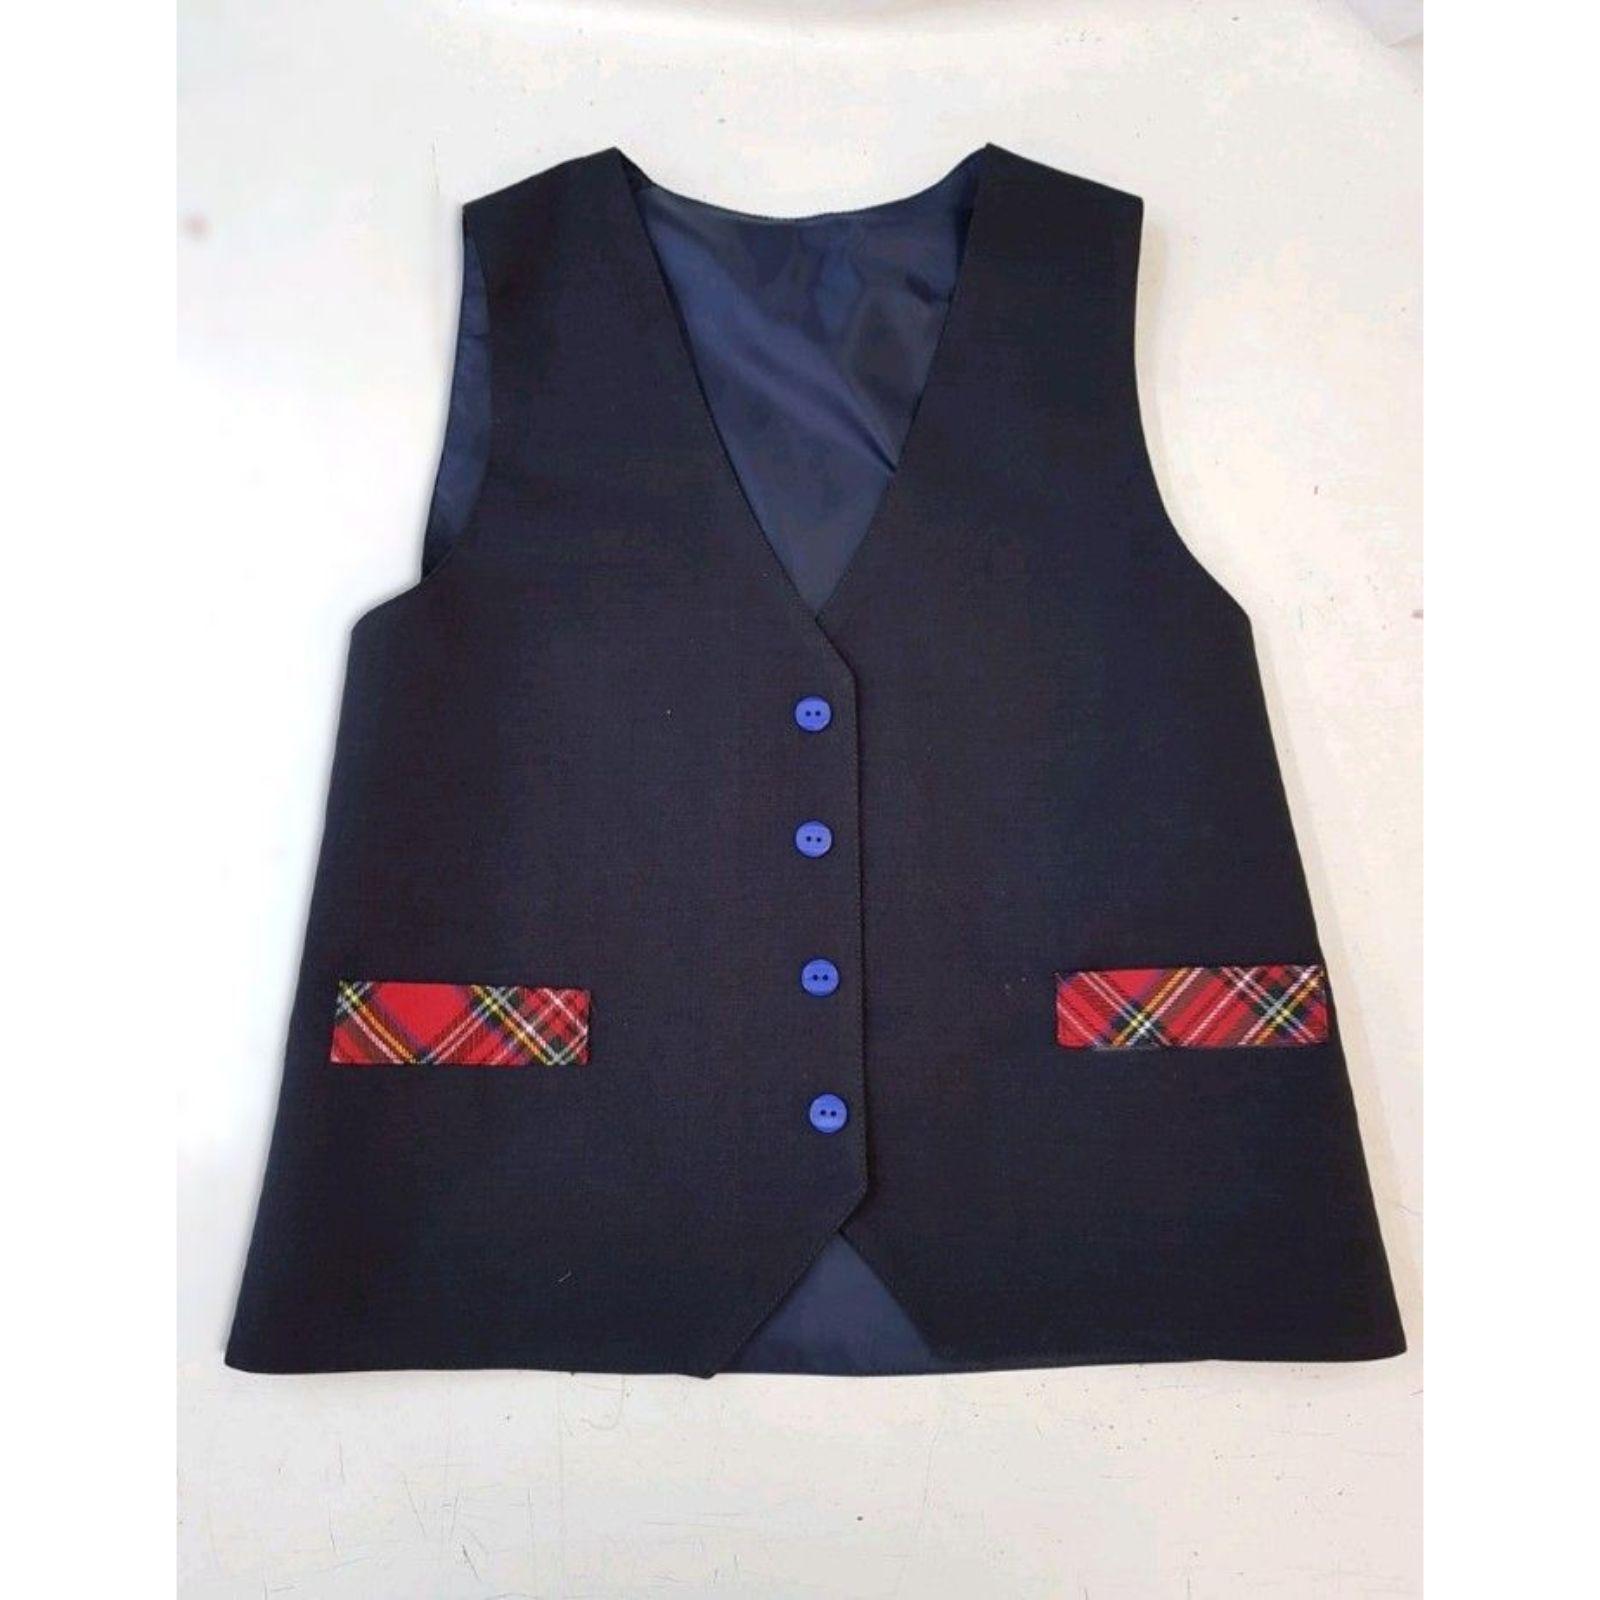 Vestă uniformă bleumarin baiat 1